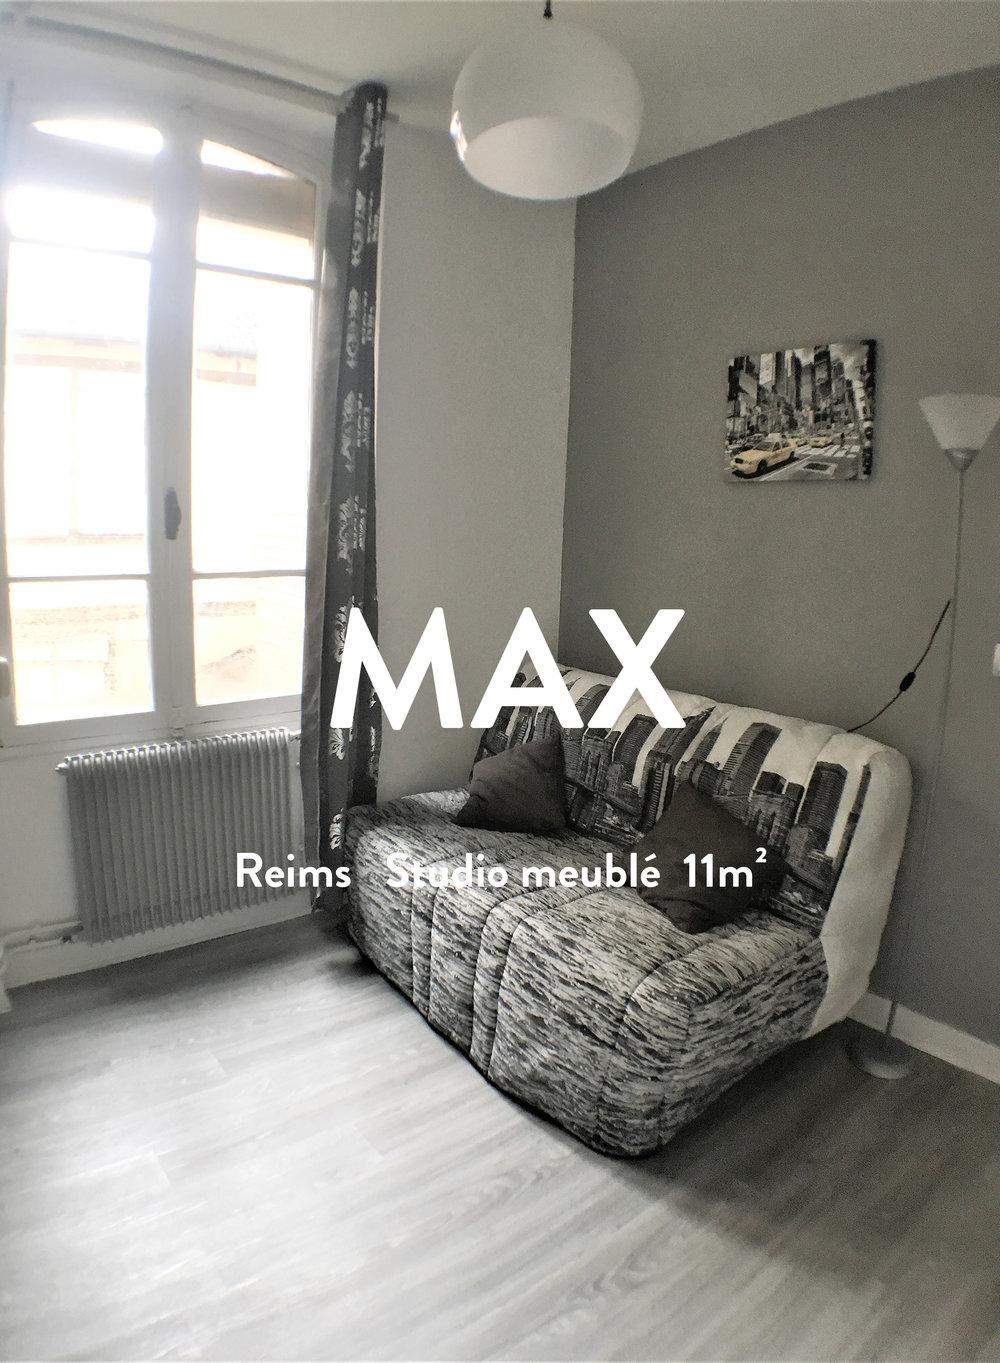 MAX - Studio meublé - Cathédrale  310€ + 40€ de charges (chauffage inclus)